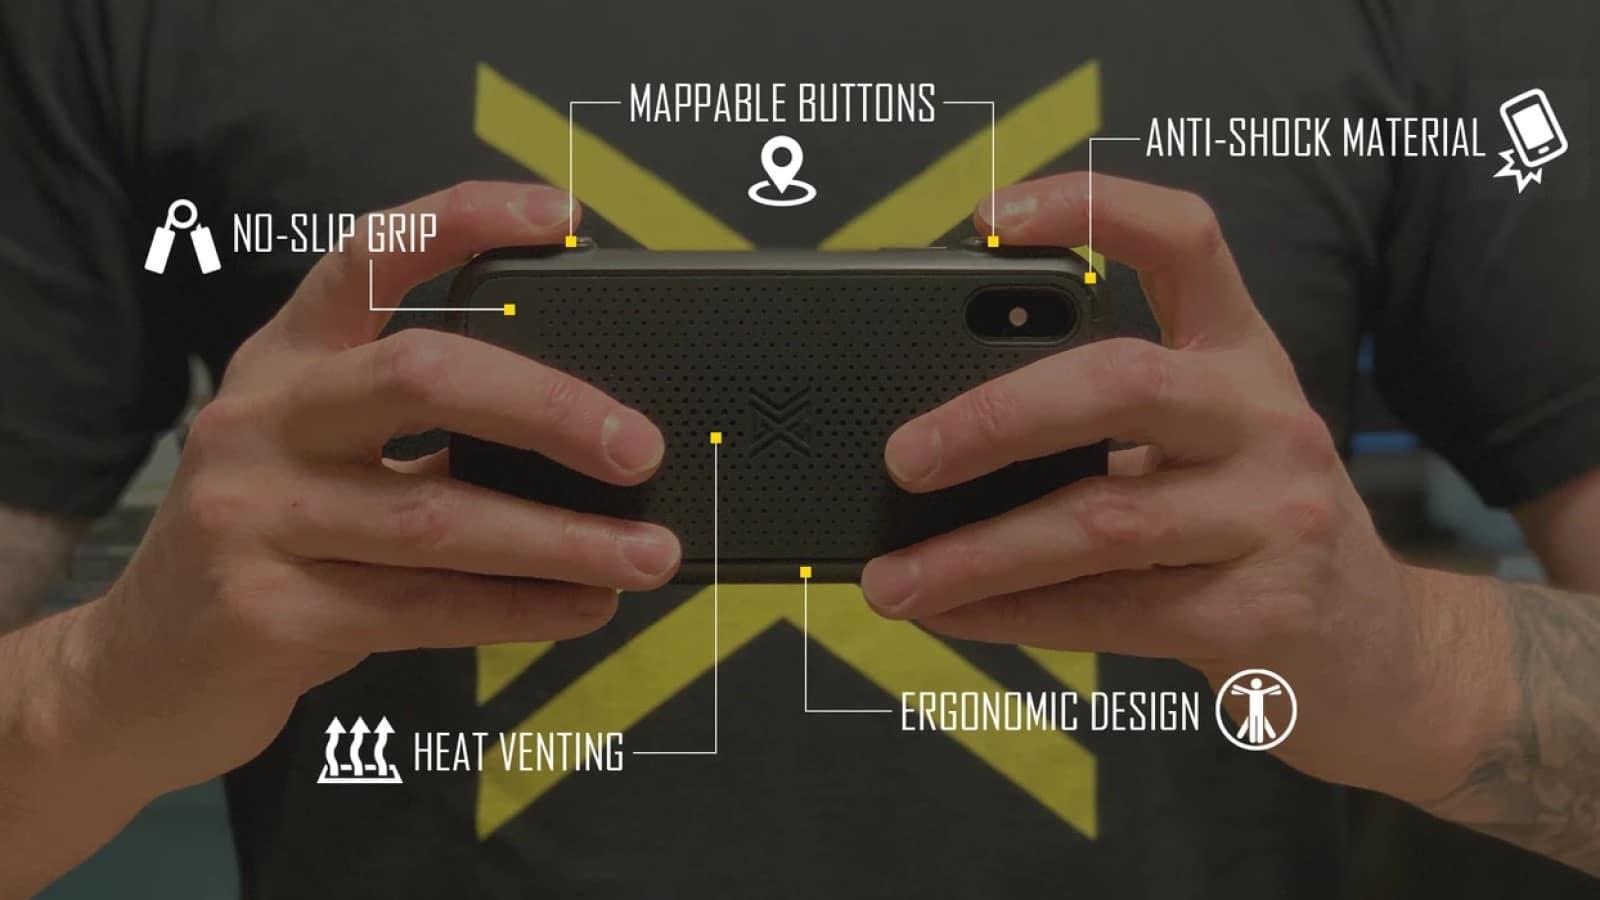 MCG'nin bu yeni oyun kasası, iPhone'unuza hatırlanabilir düğmeler ekliyor 1